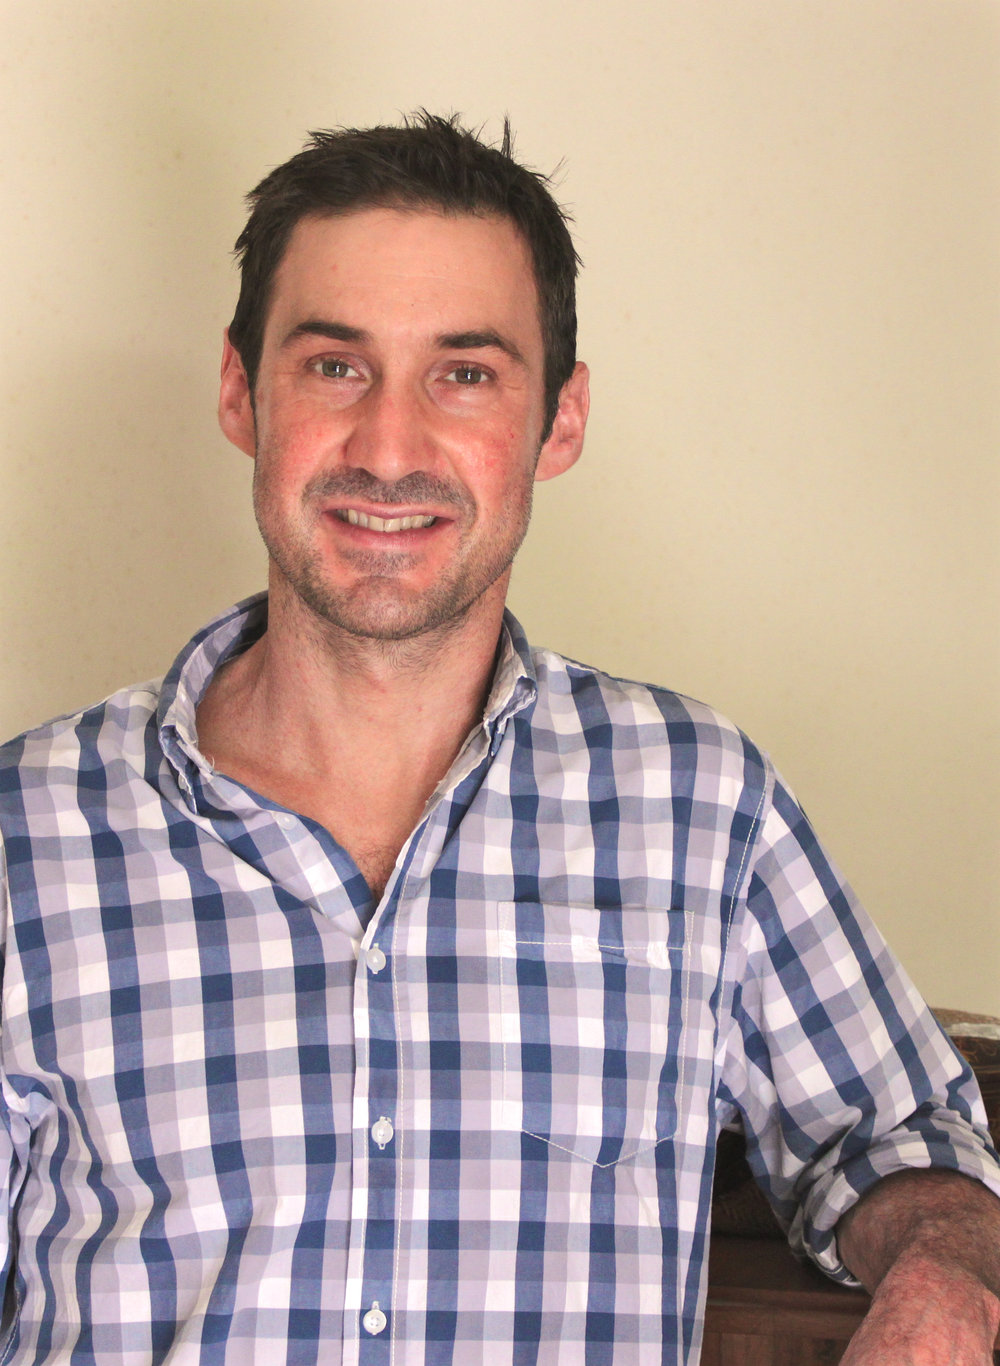 Dave Hickson